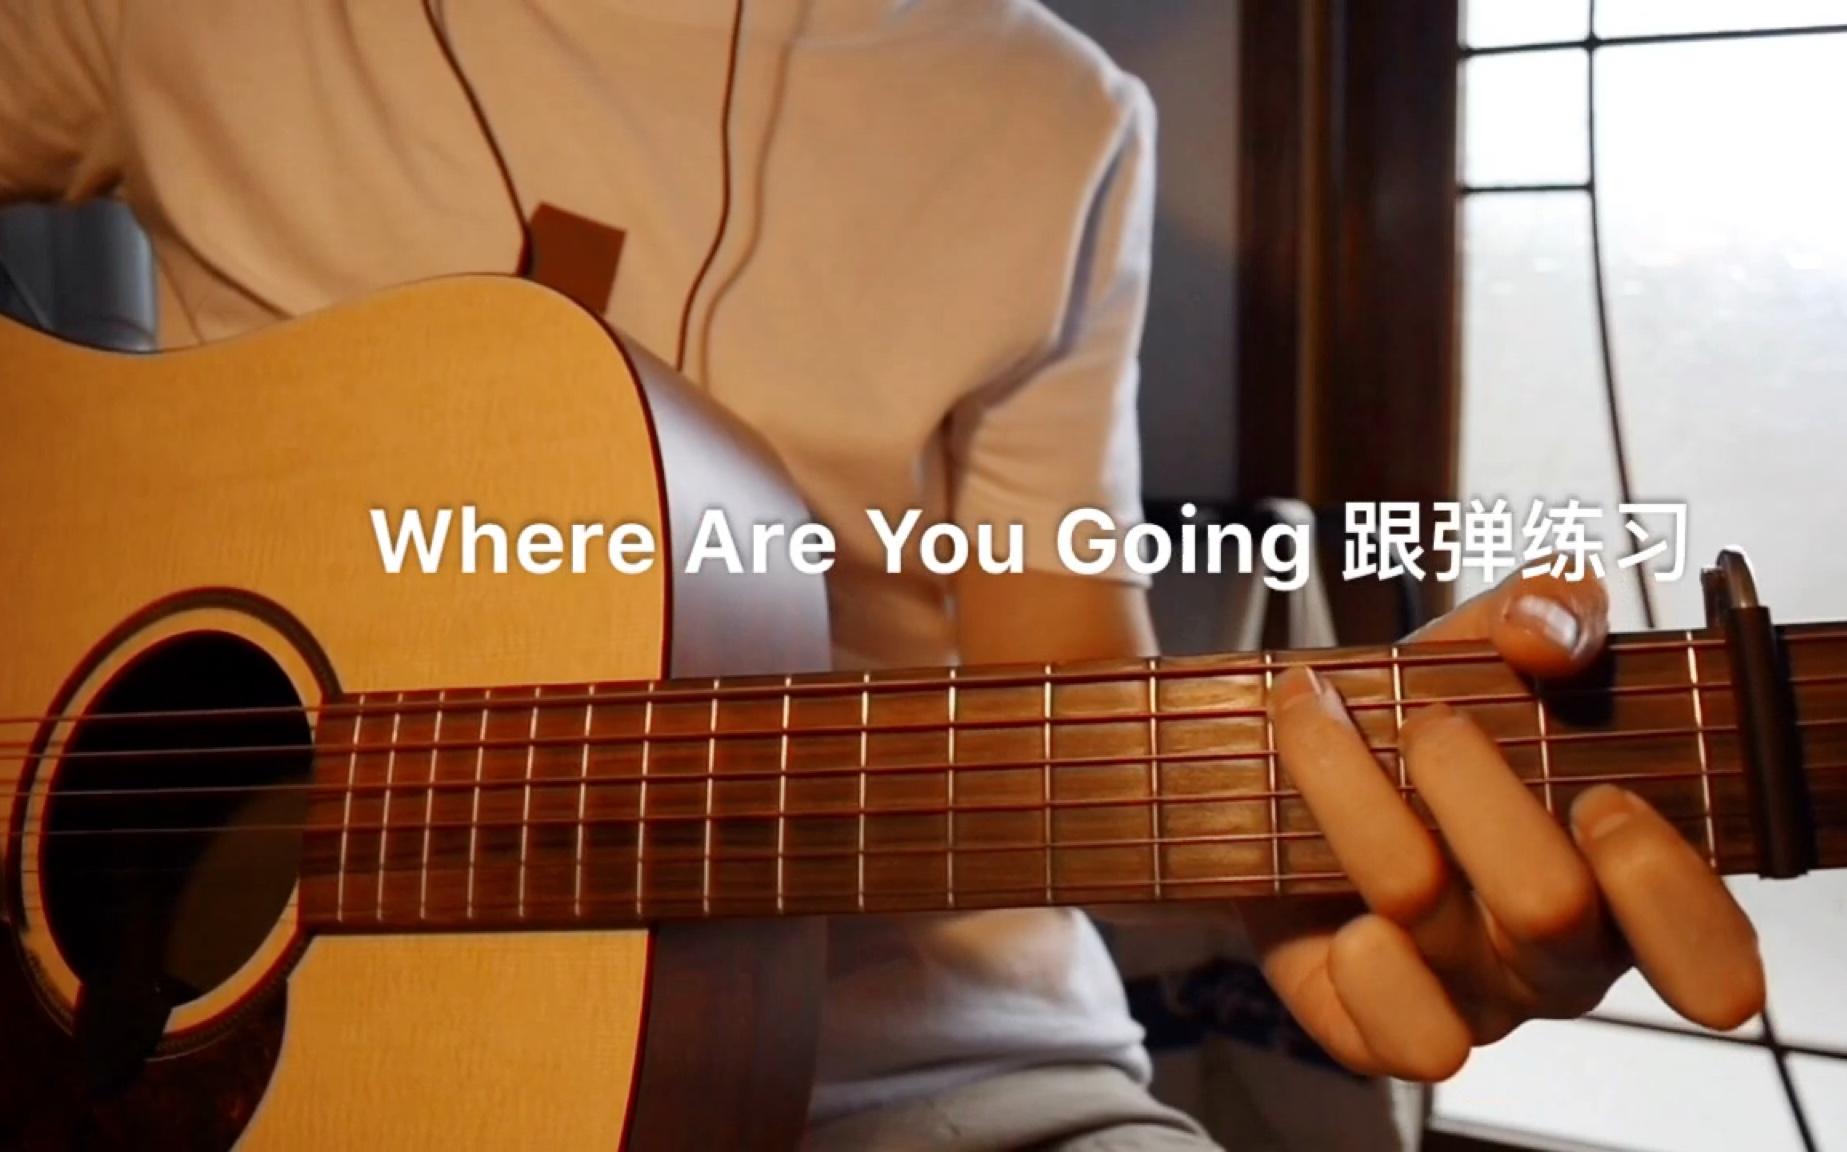 【不休习琴记】《where are you going》海龟先生 跟弹练习